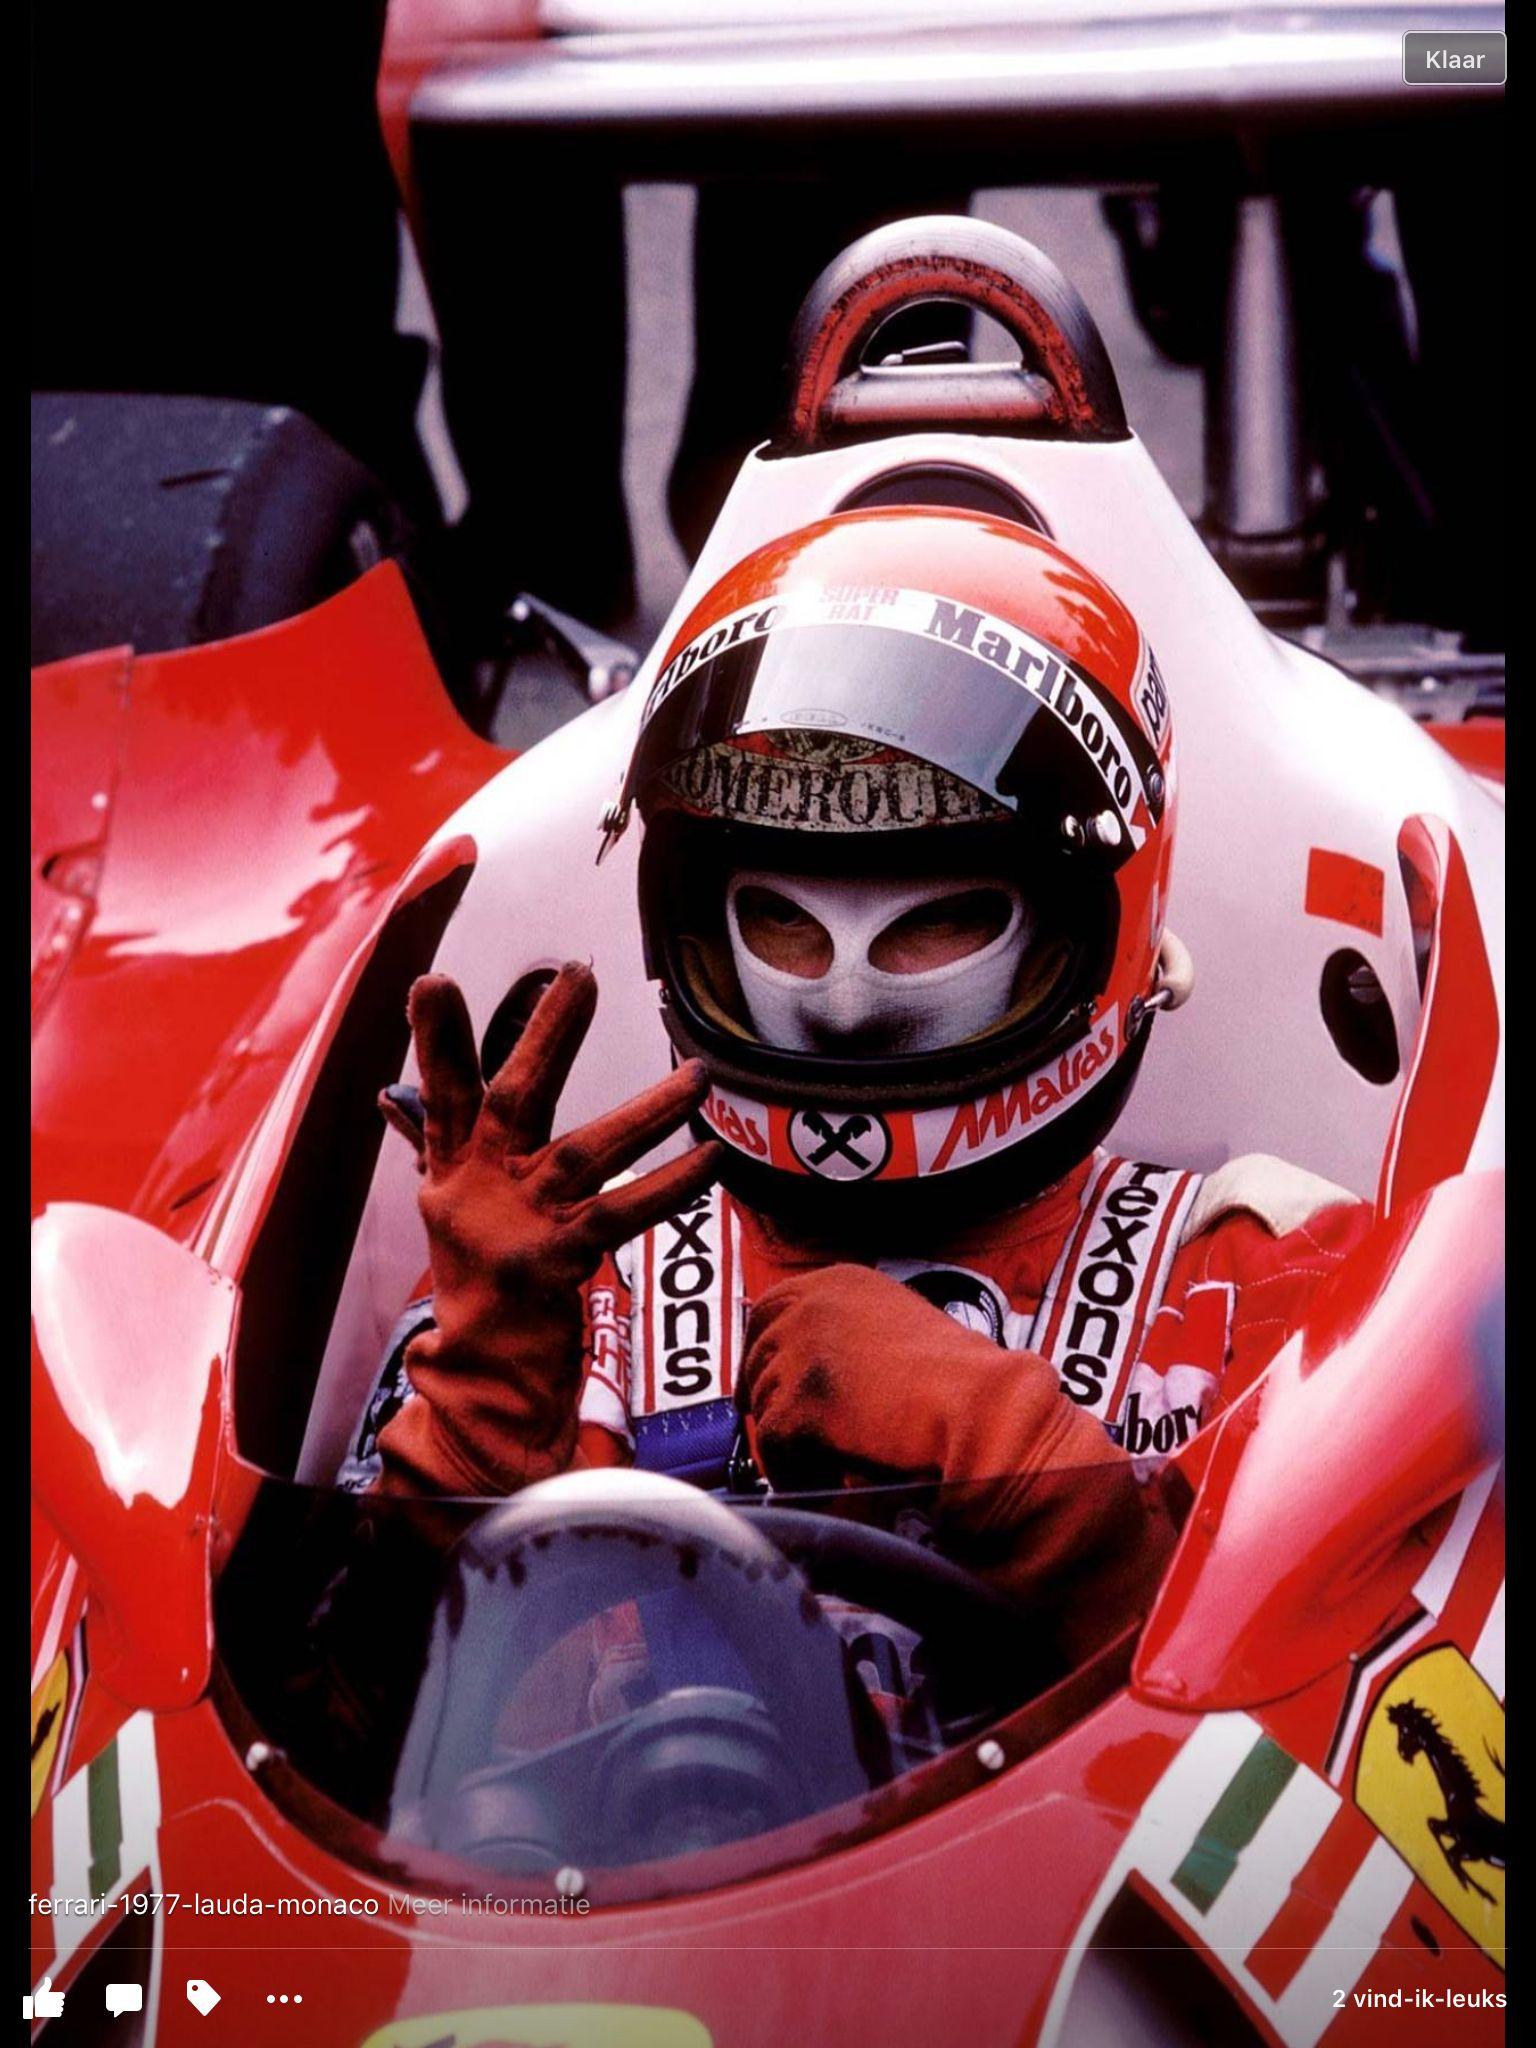 1977 Monaco, Nicky Lauda in een Ferrari Formule 1